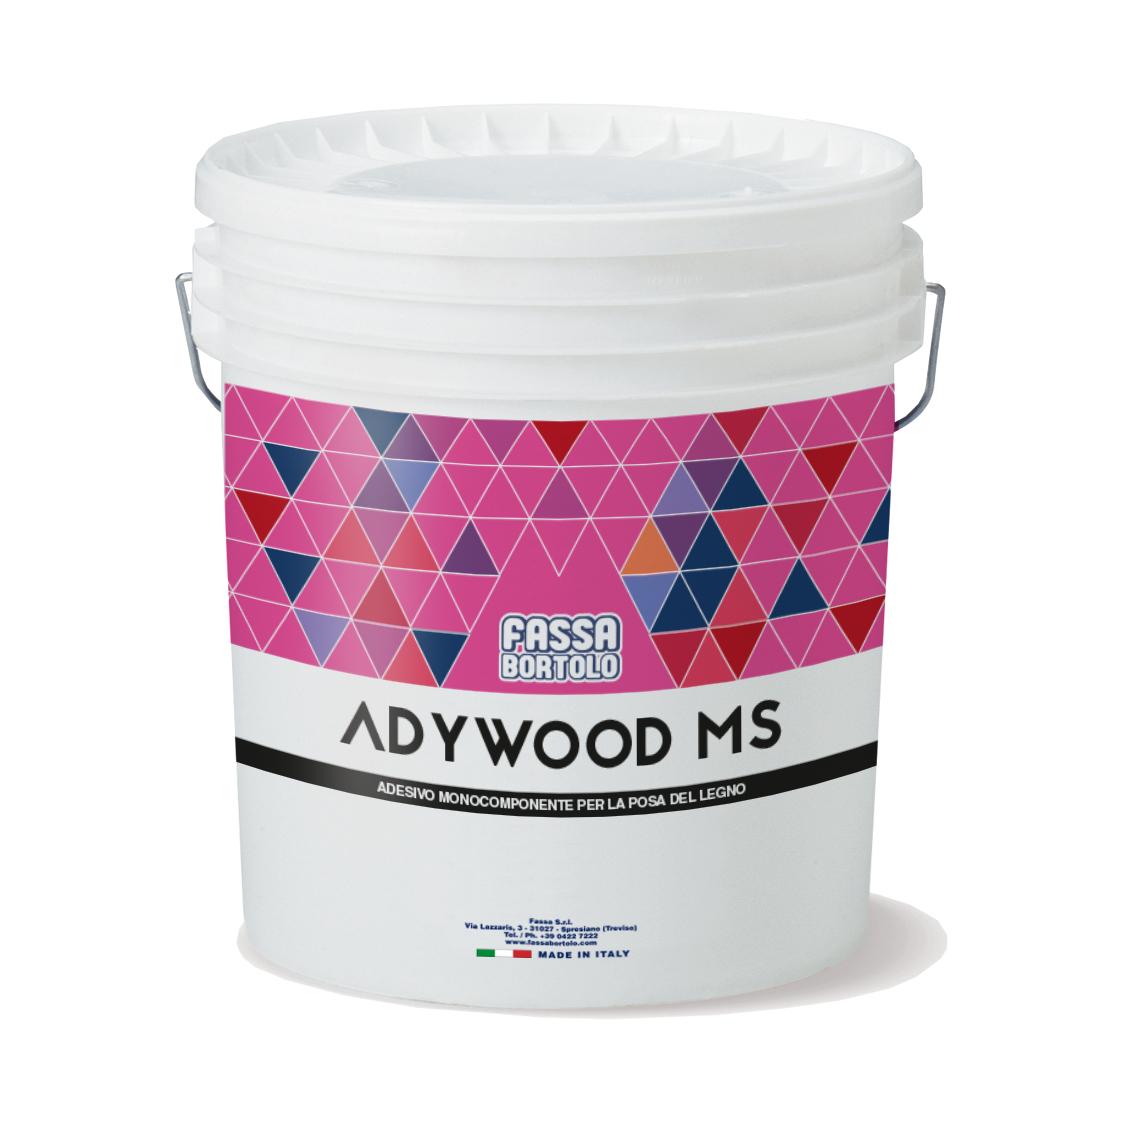 ADYWOOD MS: Adesivo monocomponente silânico para madeira